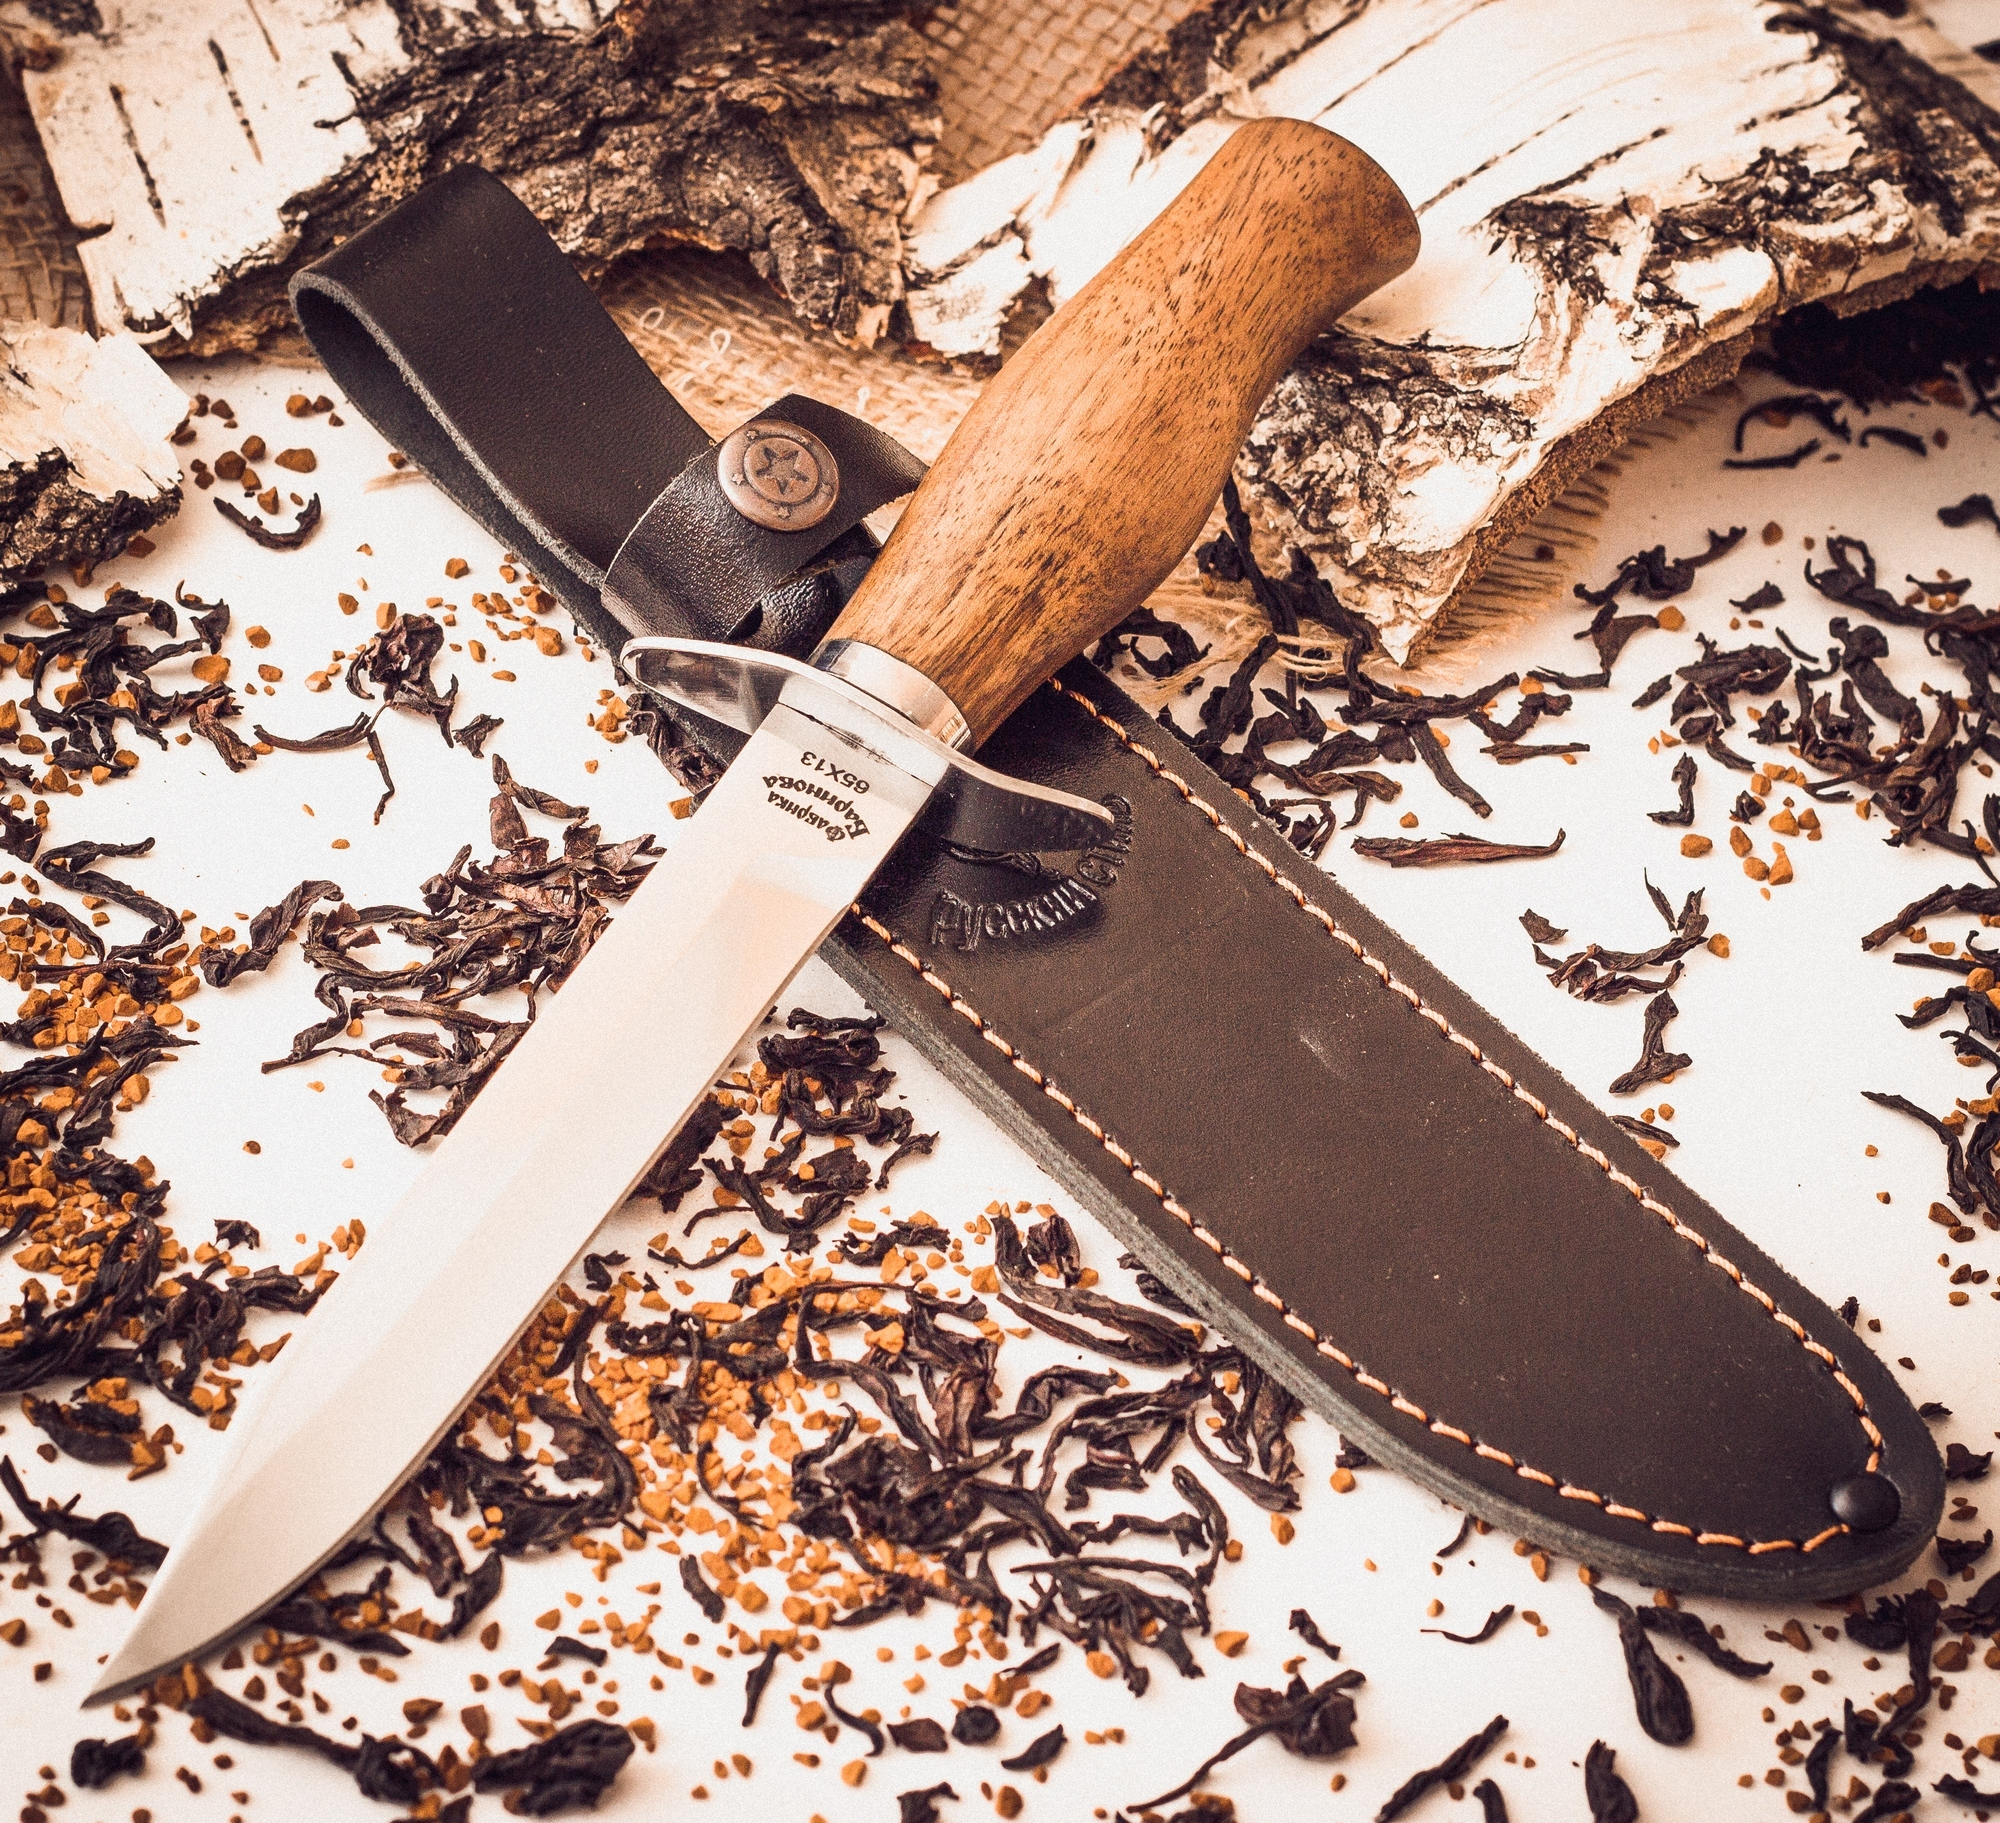 Фото 4 - Нож разведчика, Фабрика Баринова